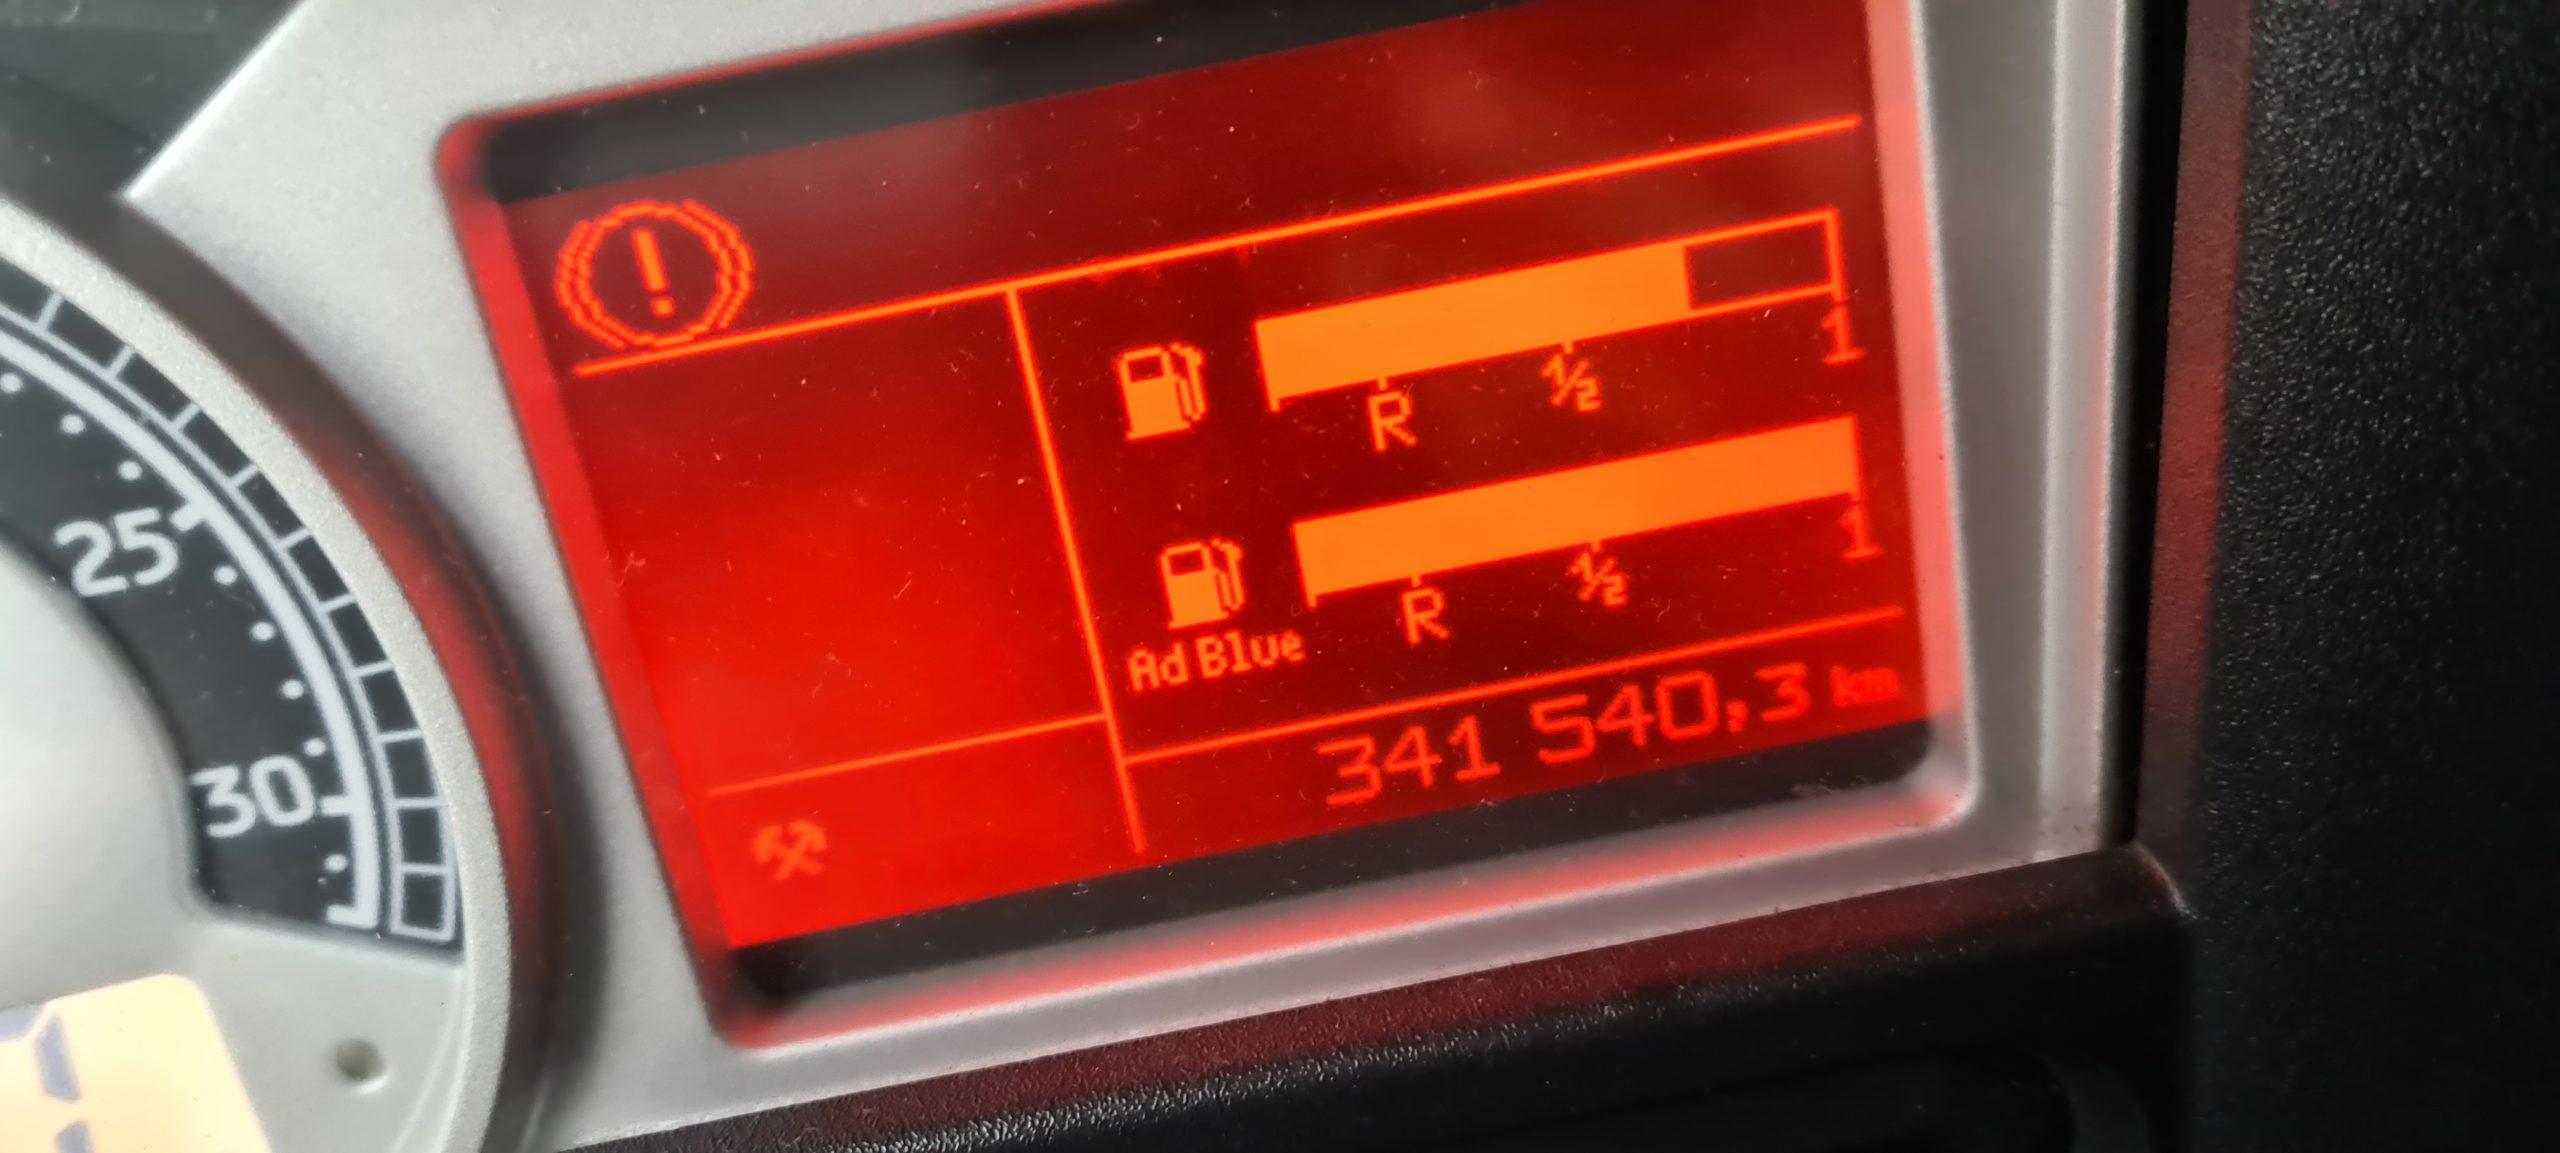 Virtualiser le système lors d'une panne adblue Renault Magnum